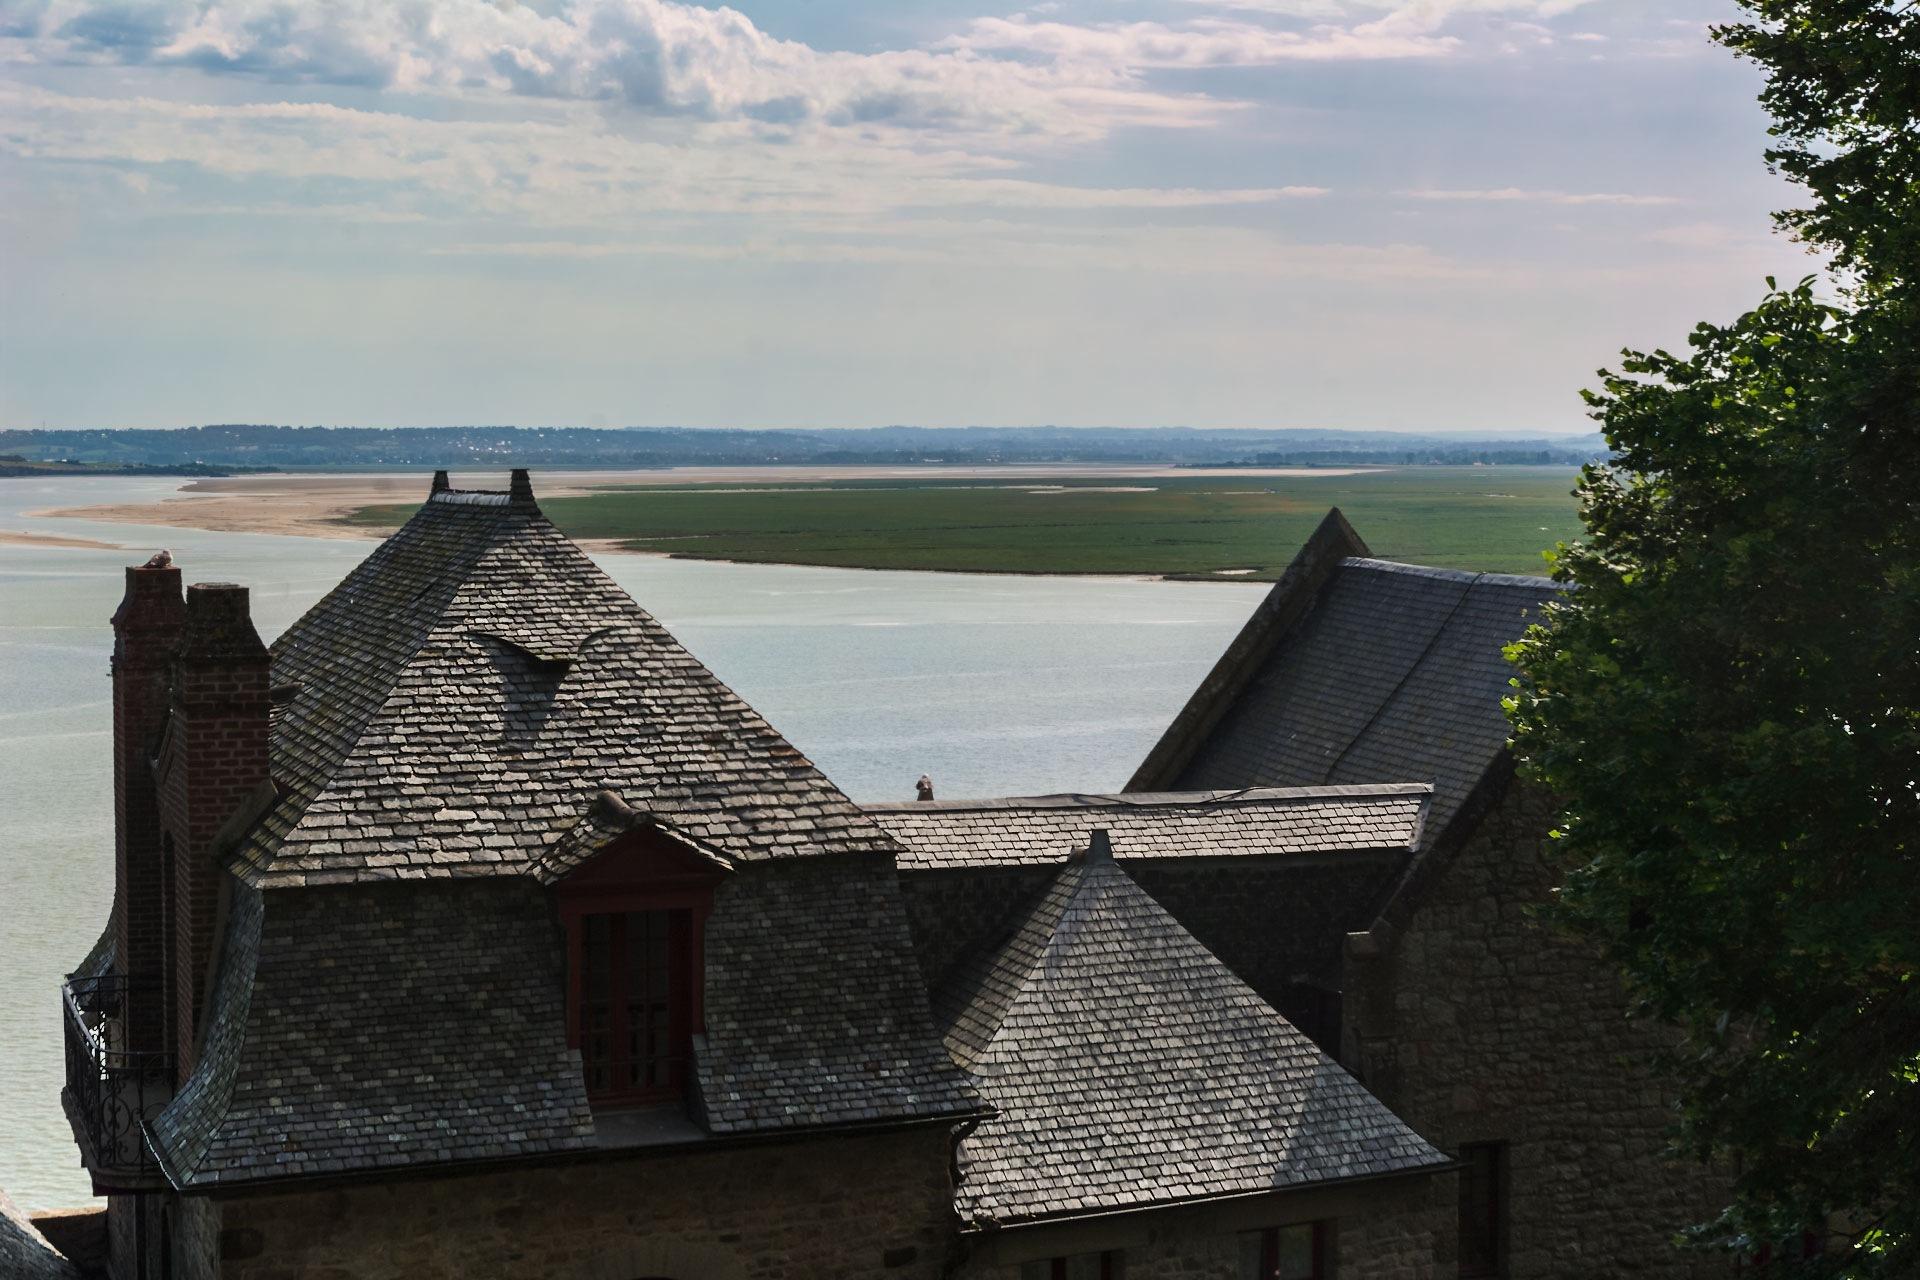 Roofs by Alexander Pugatschewski